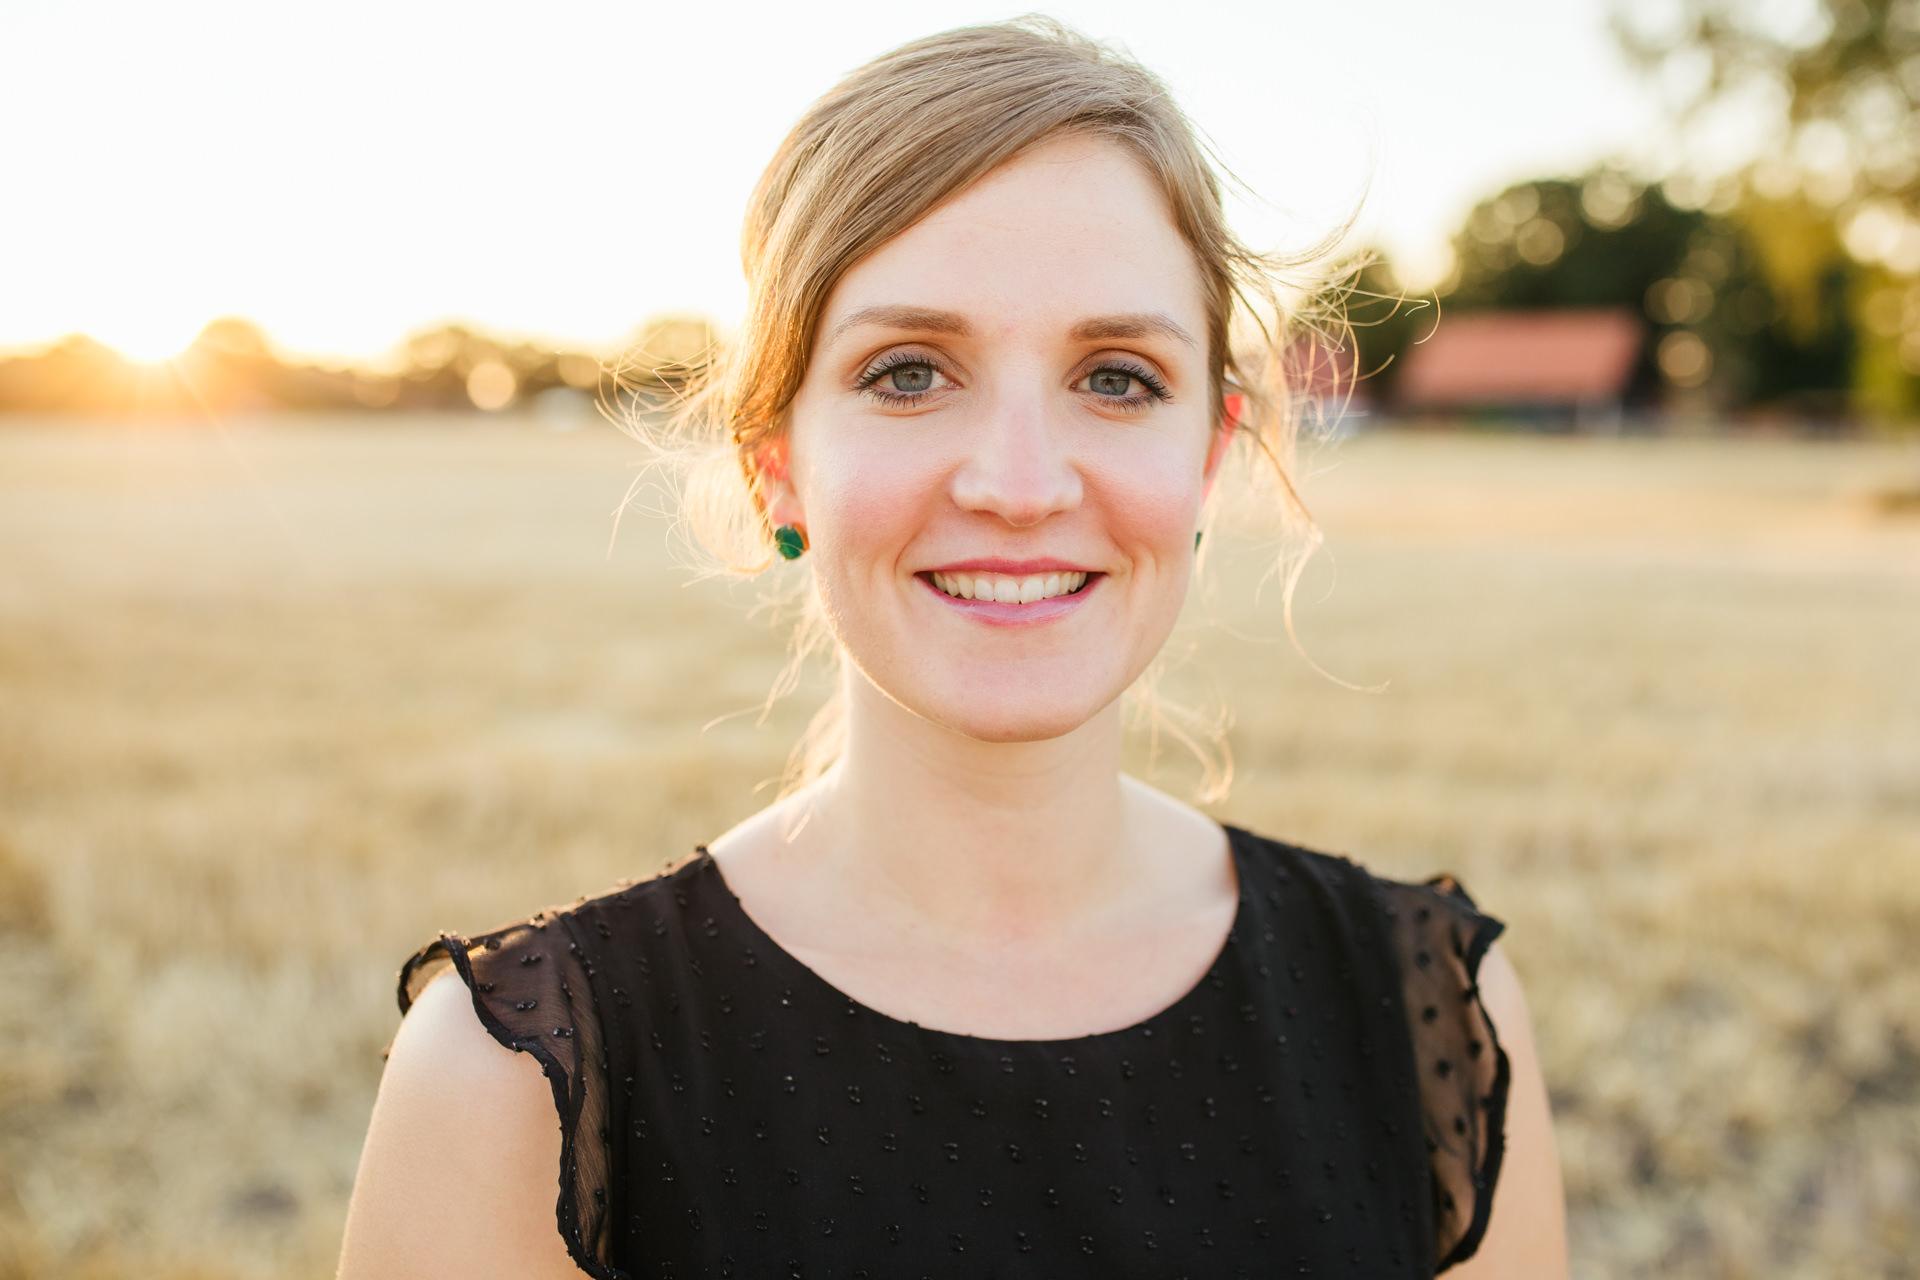 Frau im Abendlicht auf einem Feld – Gegen die Sonne fotografieren